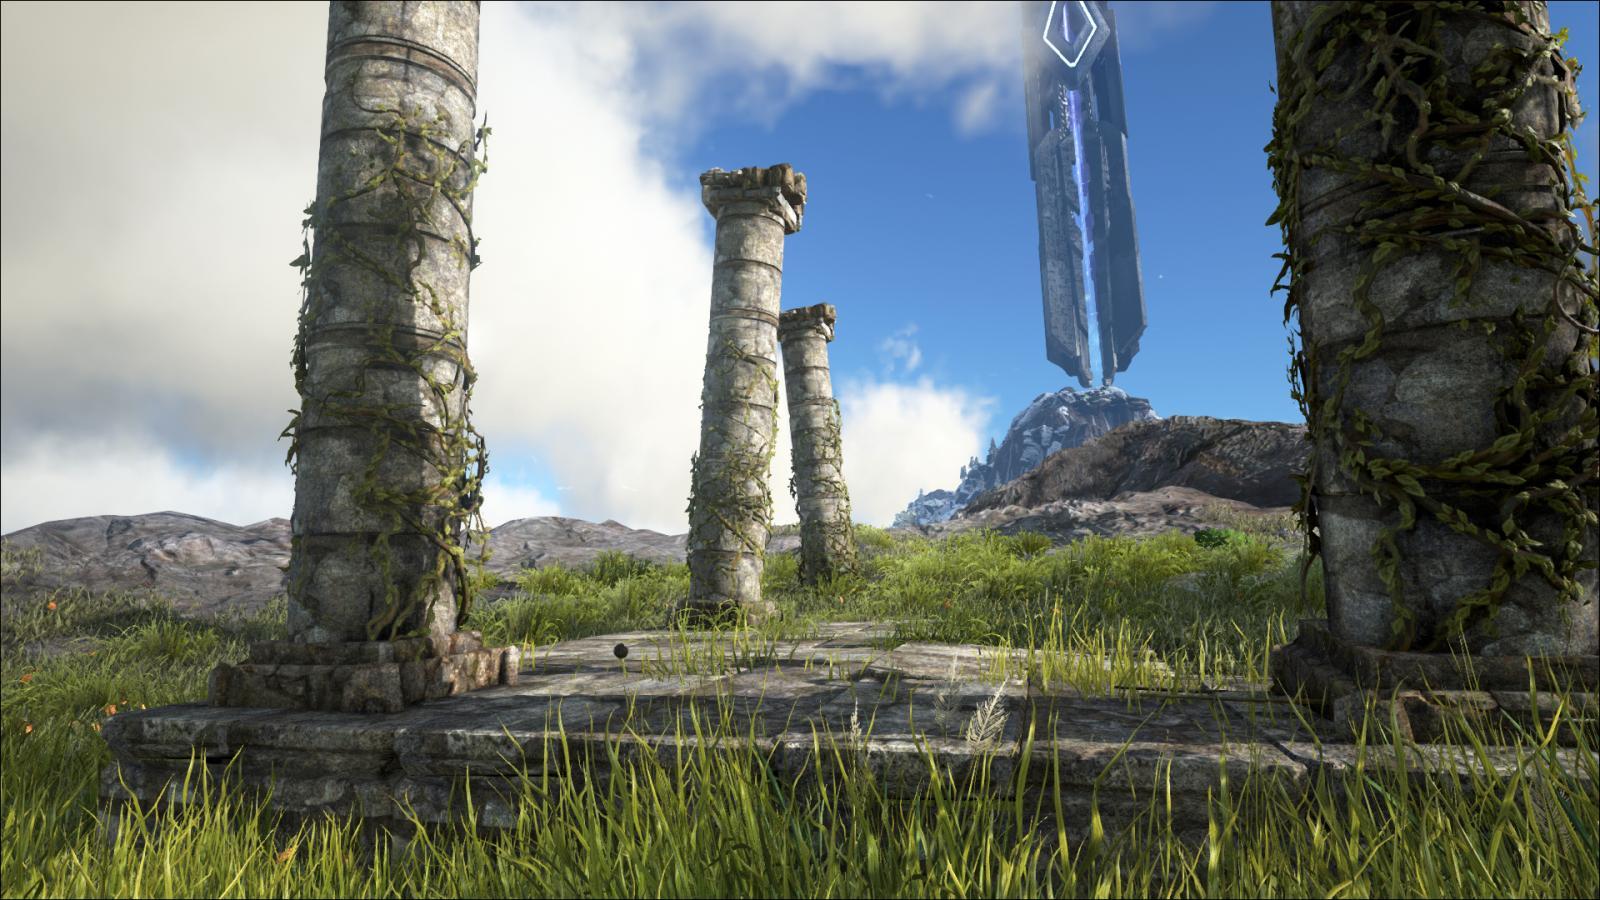 Ruins - Mountain 2